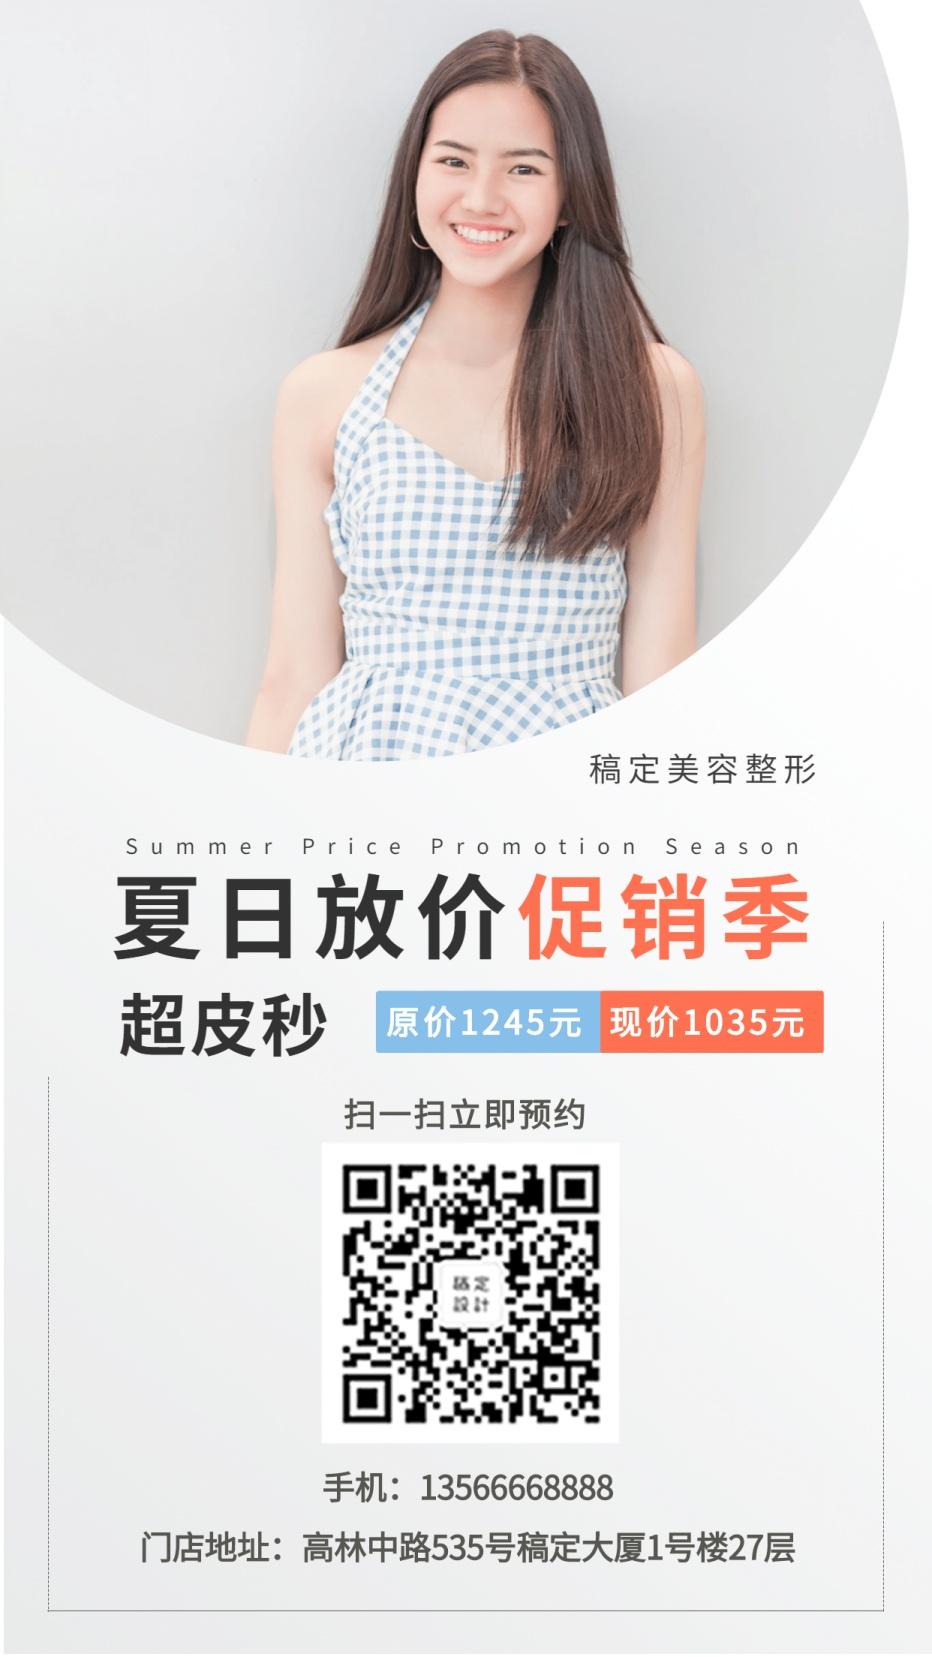 超皮秒/夏日放价/手机海报